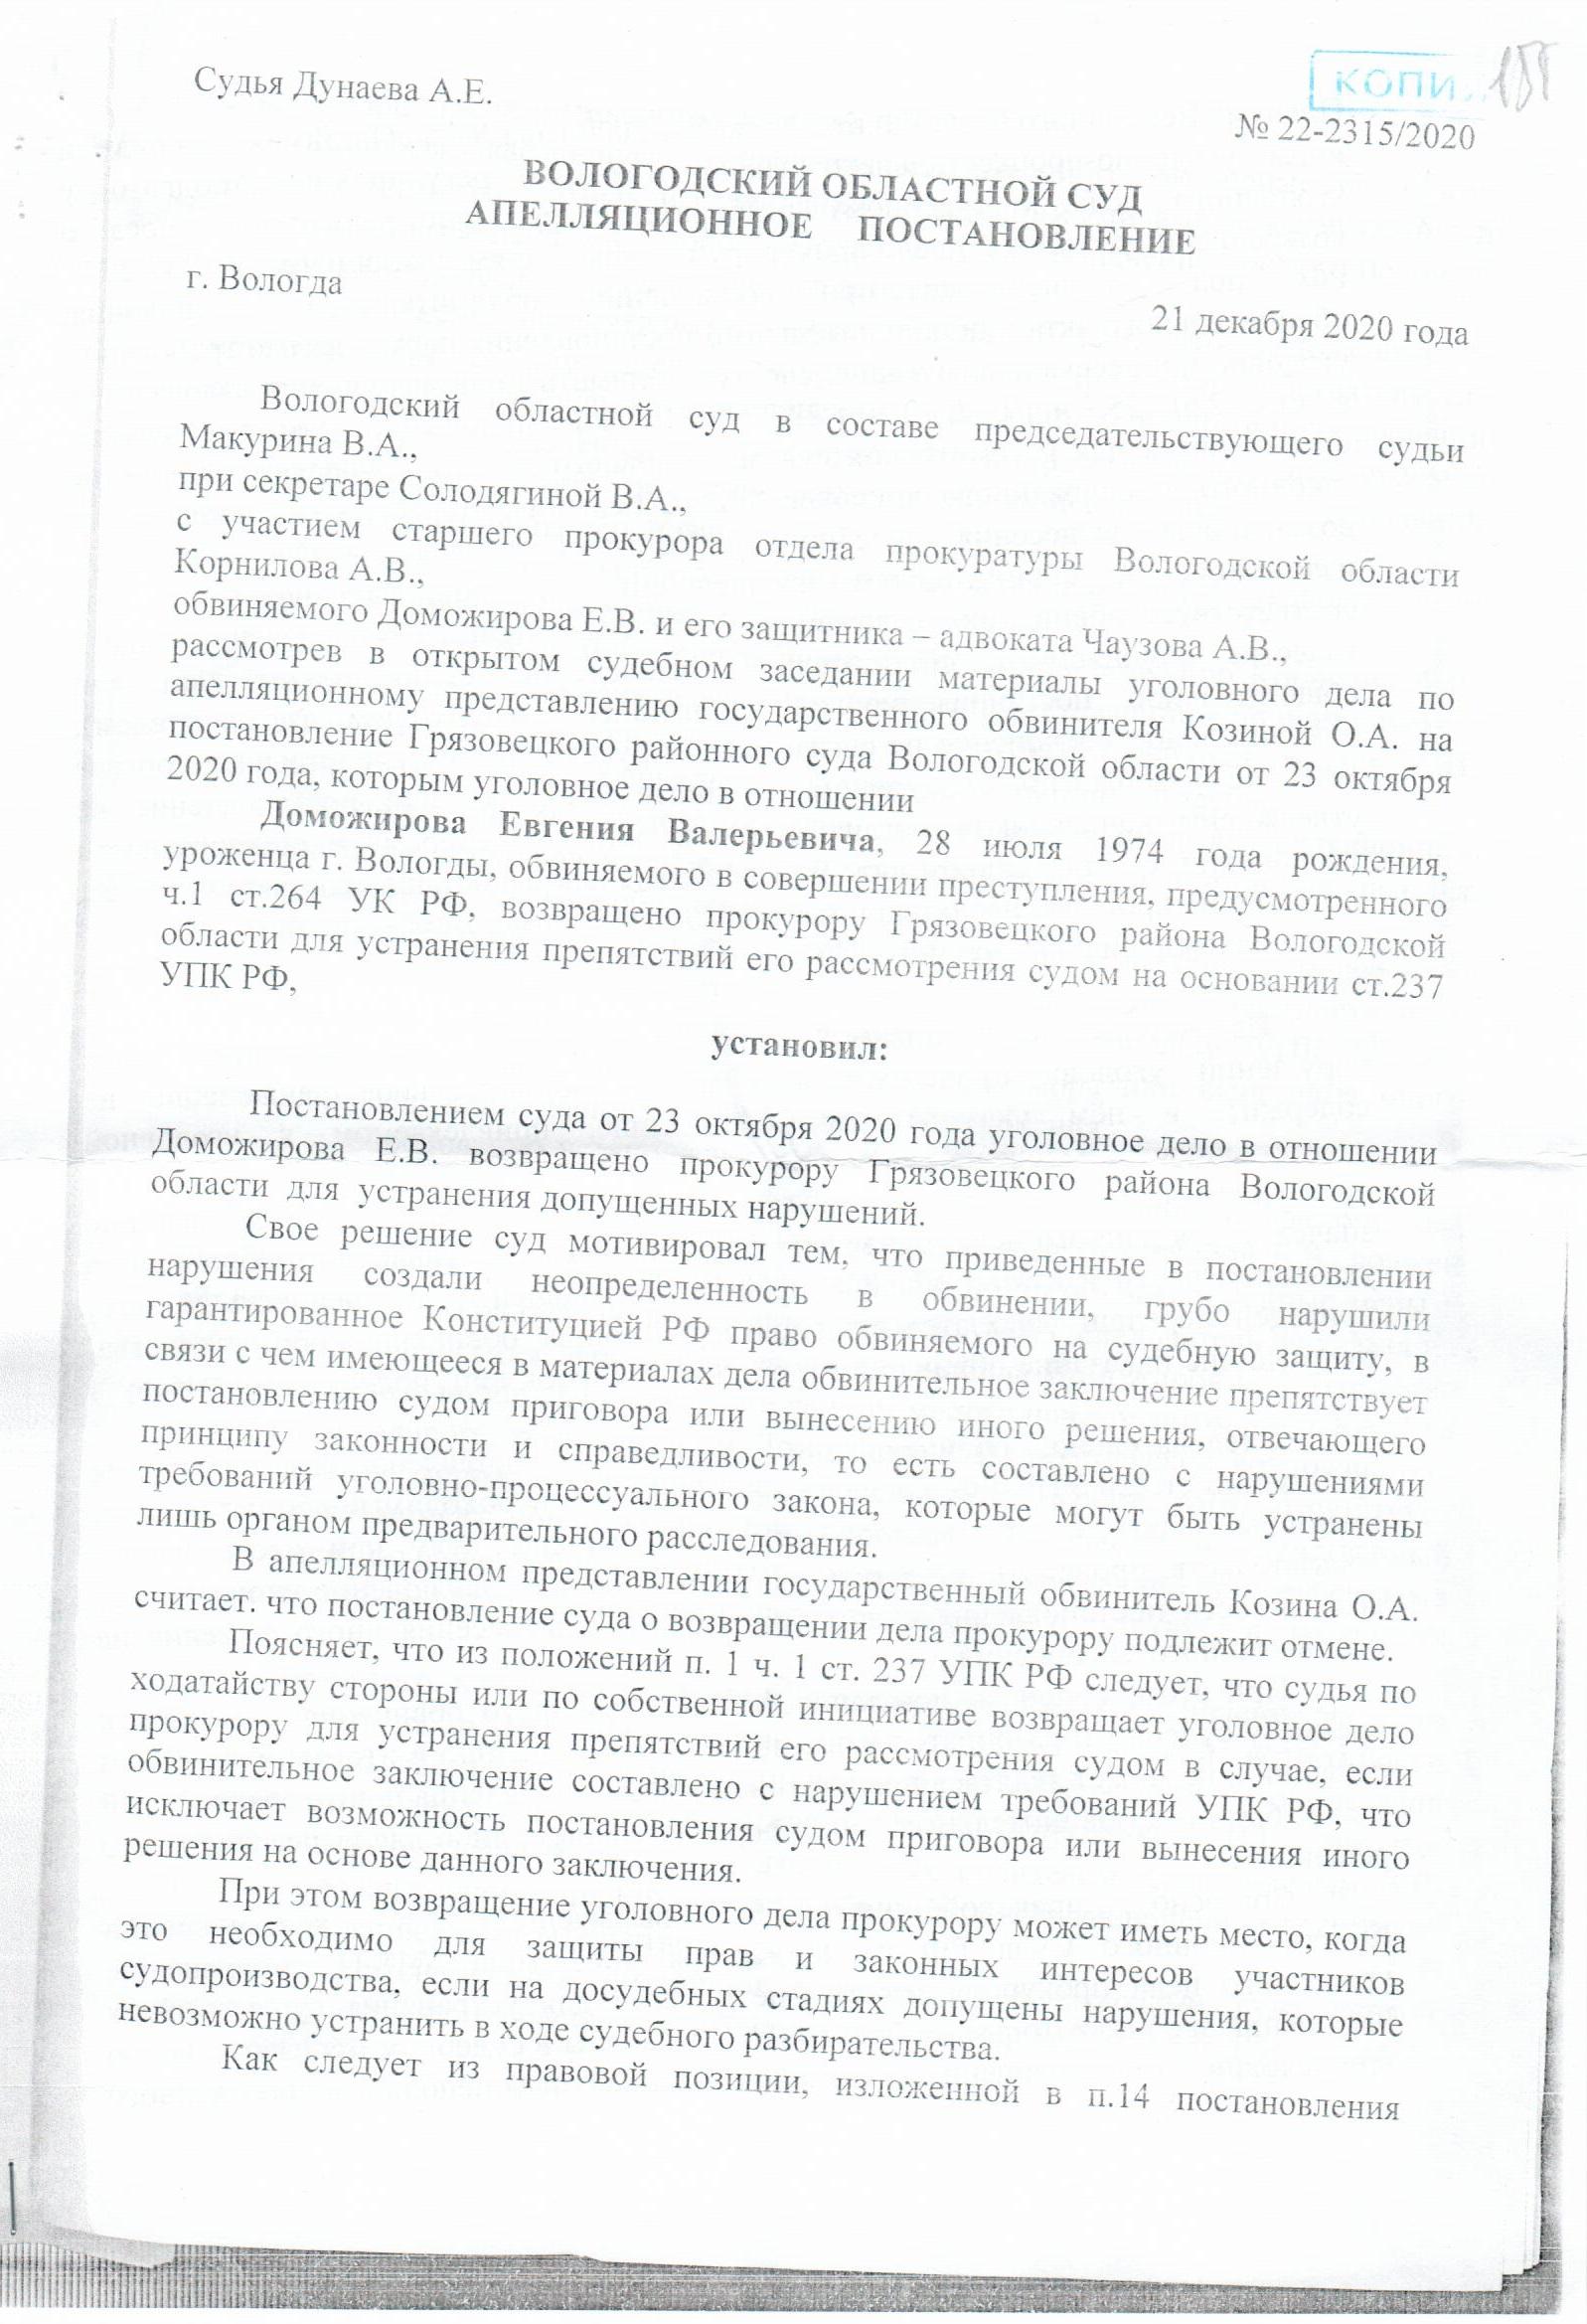 уголовное дело Евгения Доможирова по аварии 7.jpg